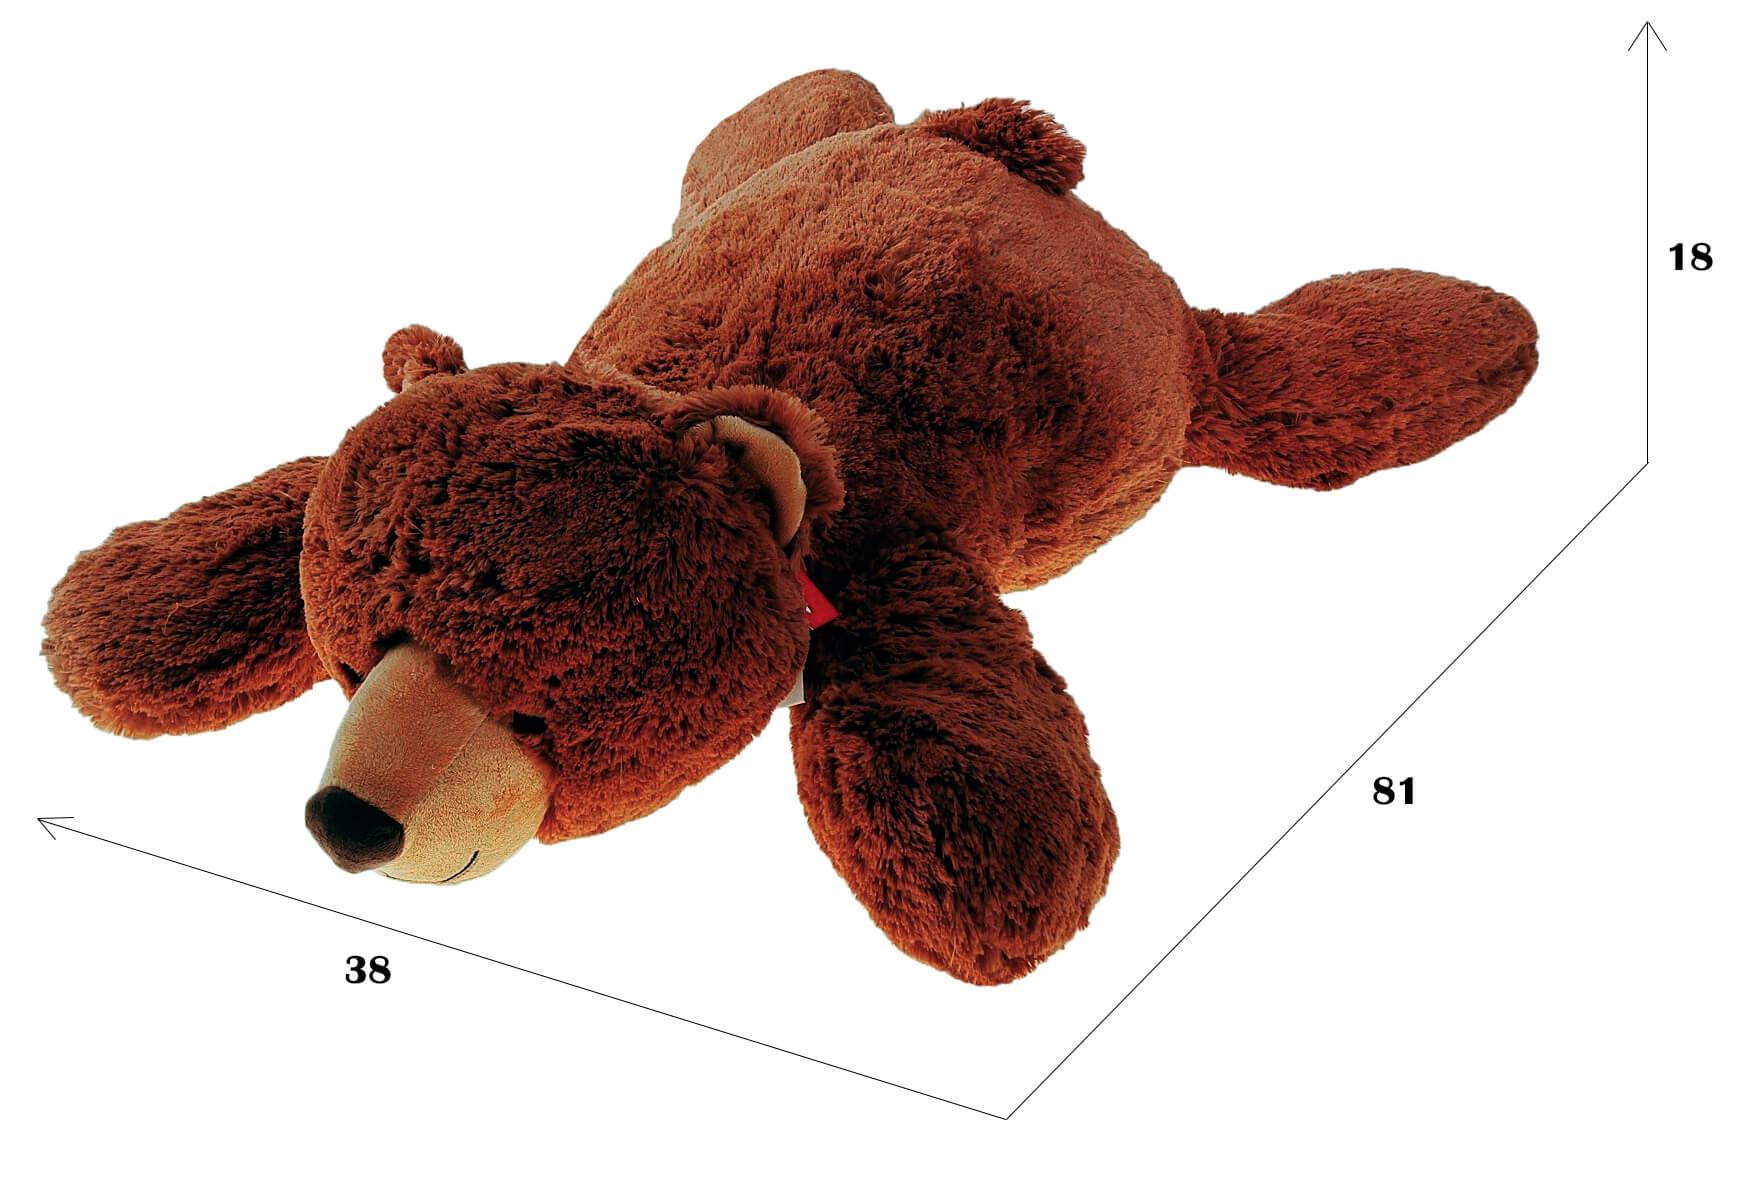 размеры лежачего медведя от Fancy 81 см